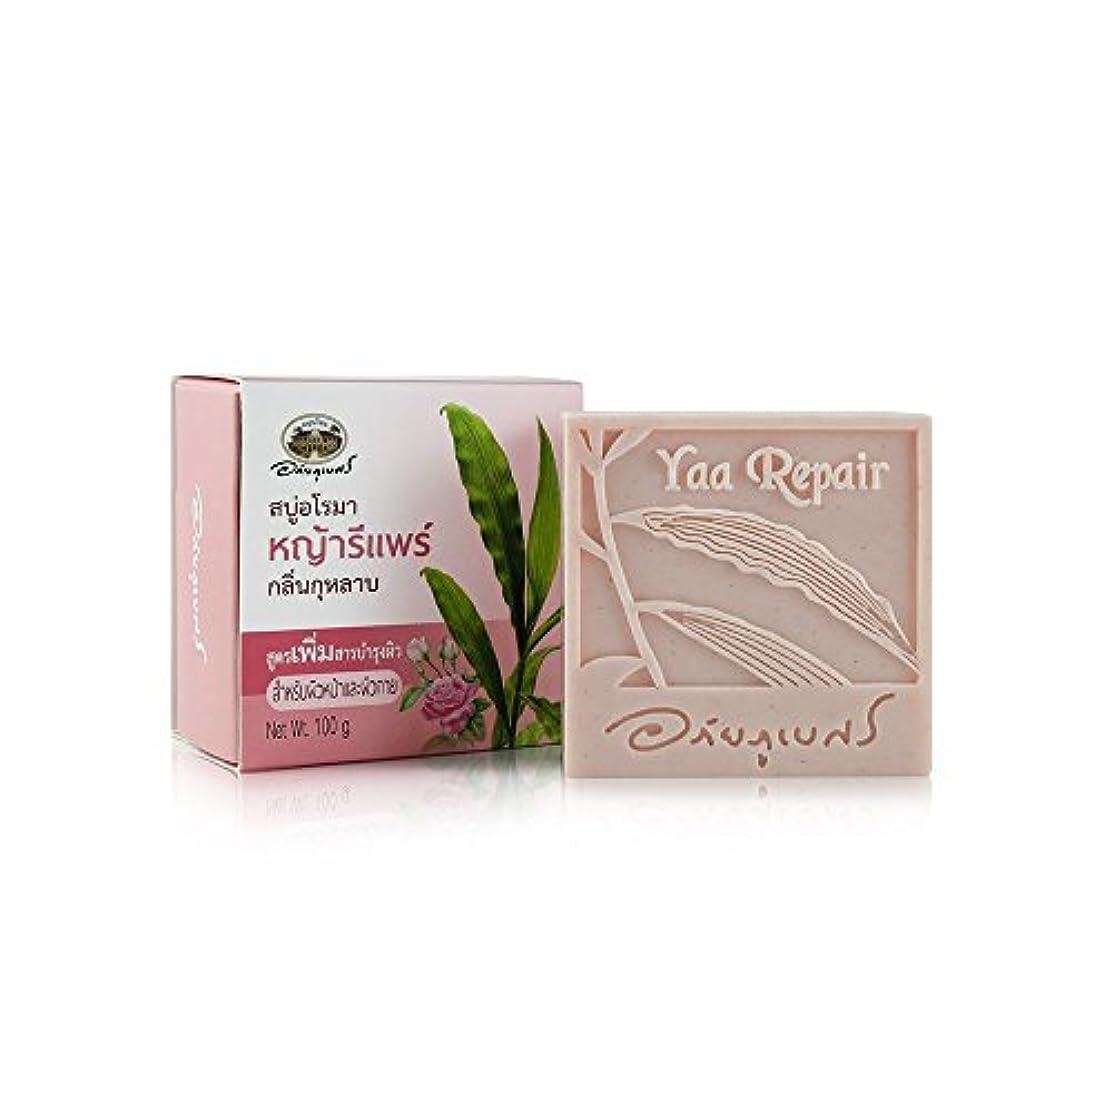 キャロラインロック解除重大Abhaibhubejhr Thai Aromatherapy With Rose Skin Care Formula Herbal Body Face Cleaning Soap 100g. Abhaibhubejhr...